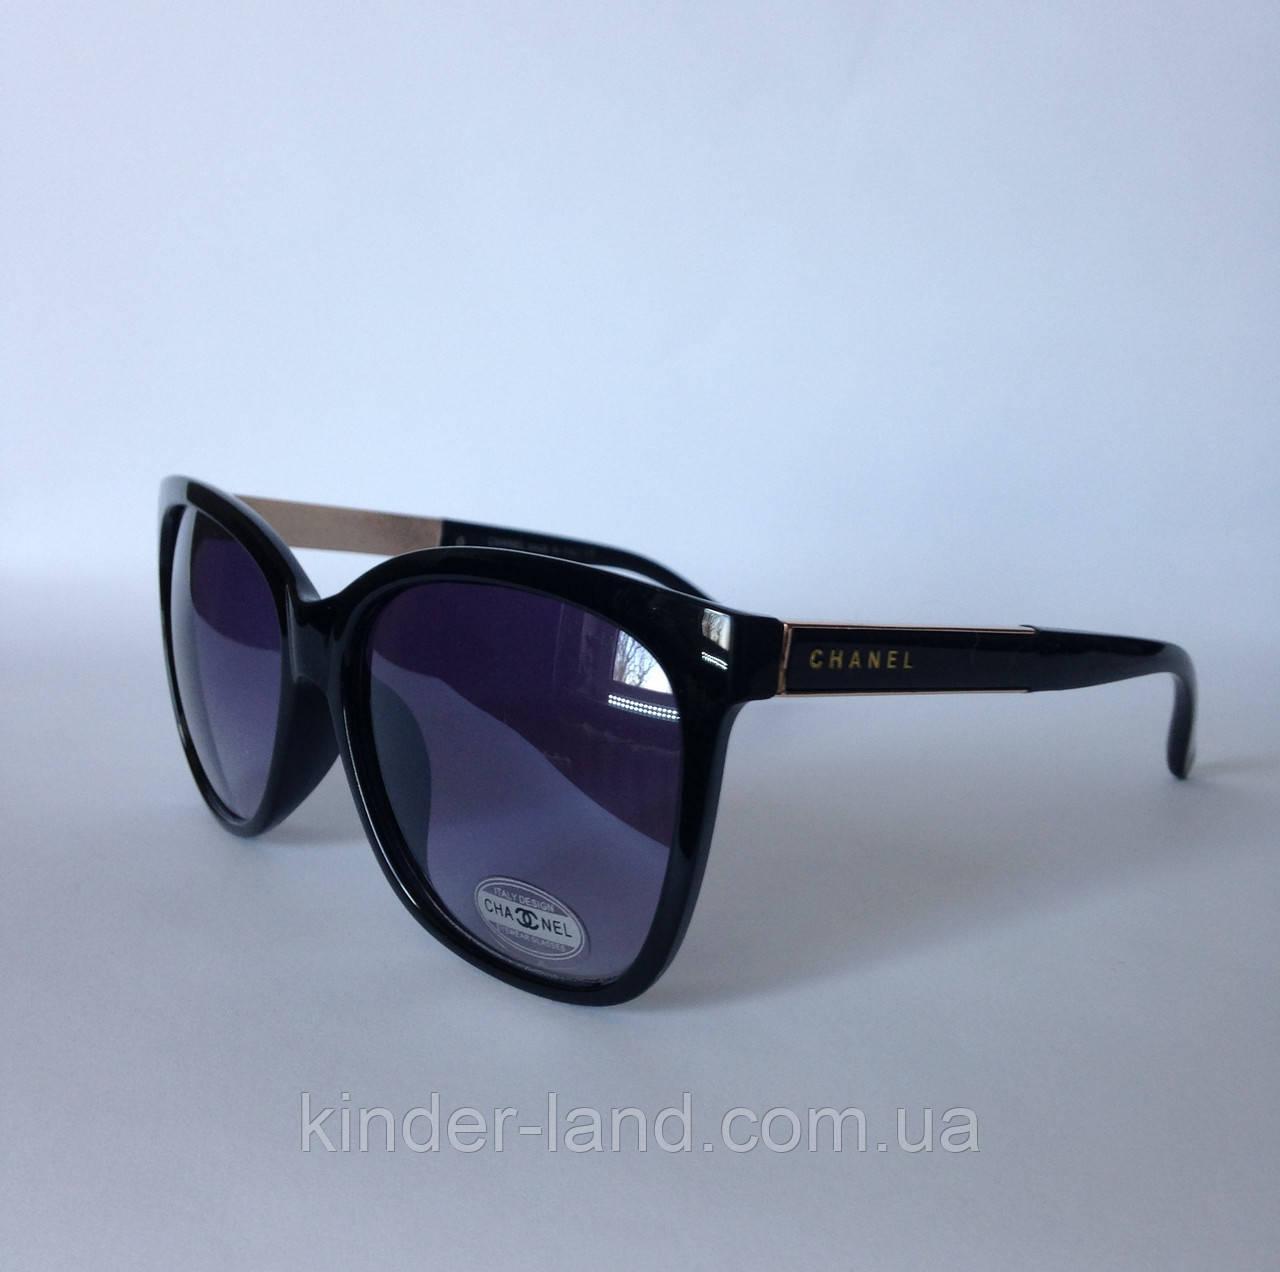 Женские солнцезащитные очки Chanel 987 черные - Интернет-магазин